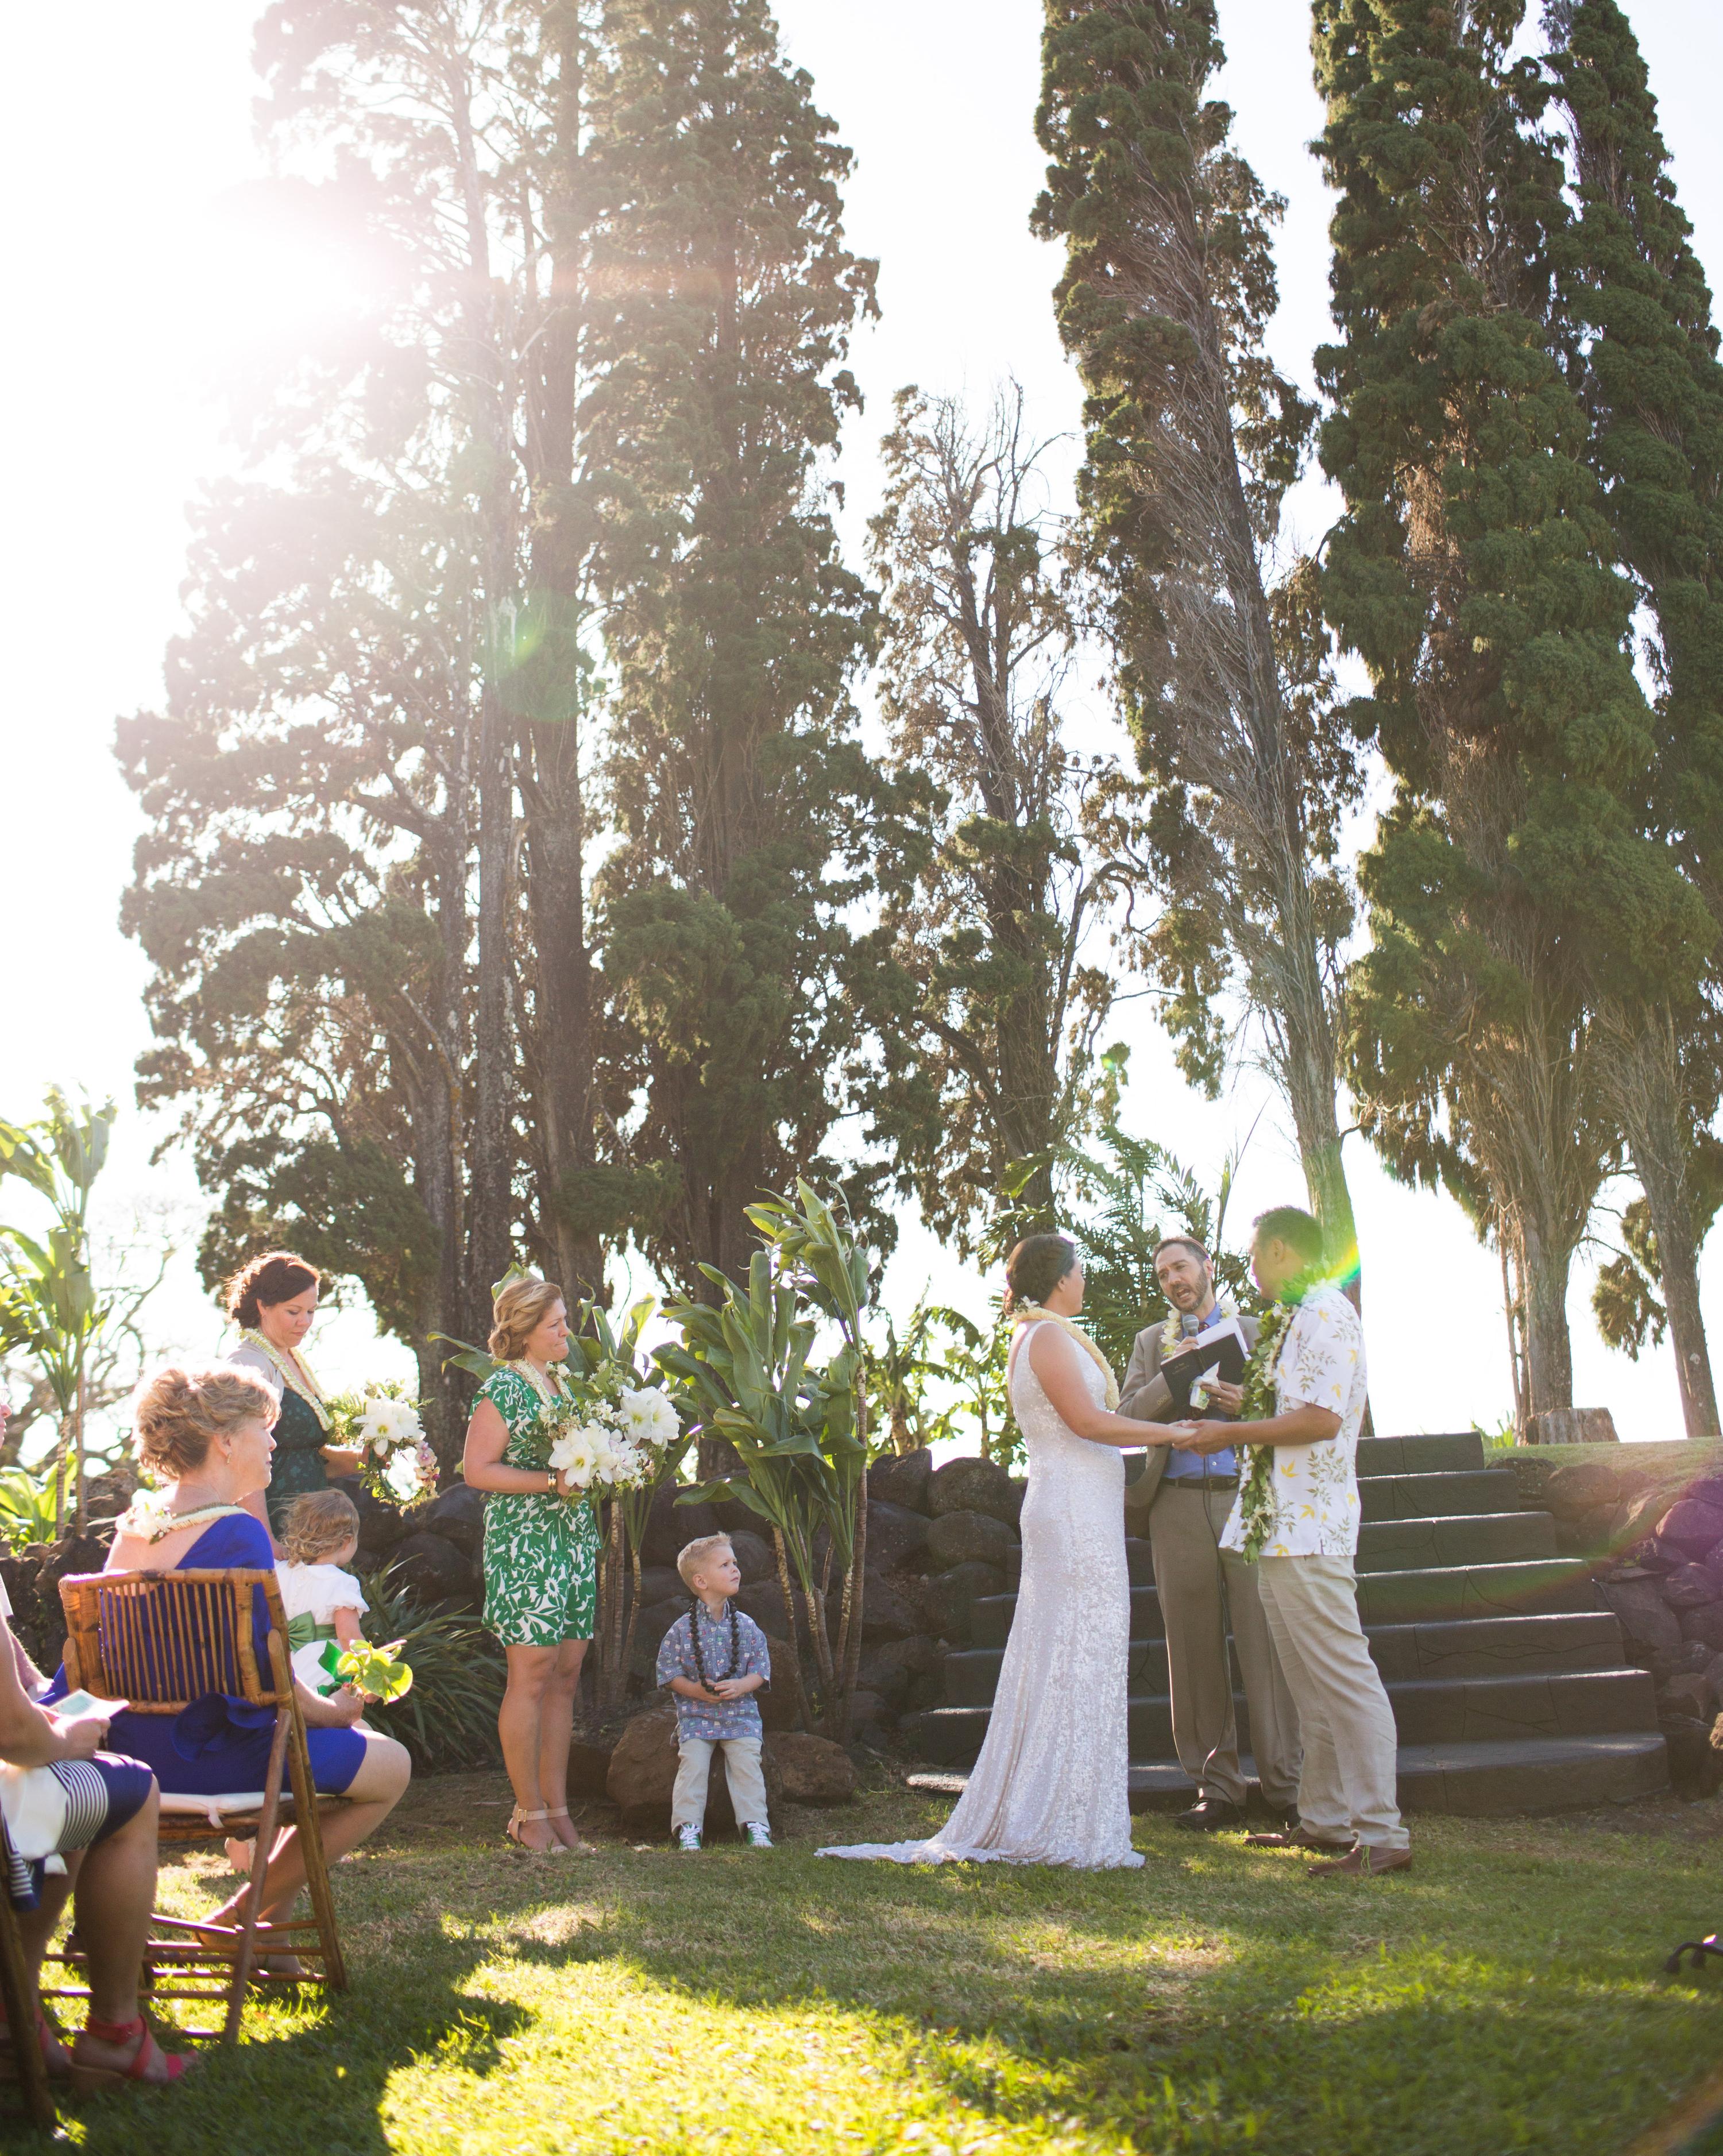 maddie-tony-wedding-ceremony-6219-s112424-1015.jpg